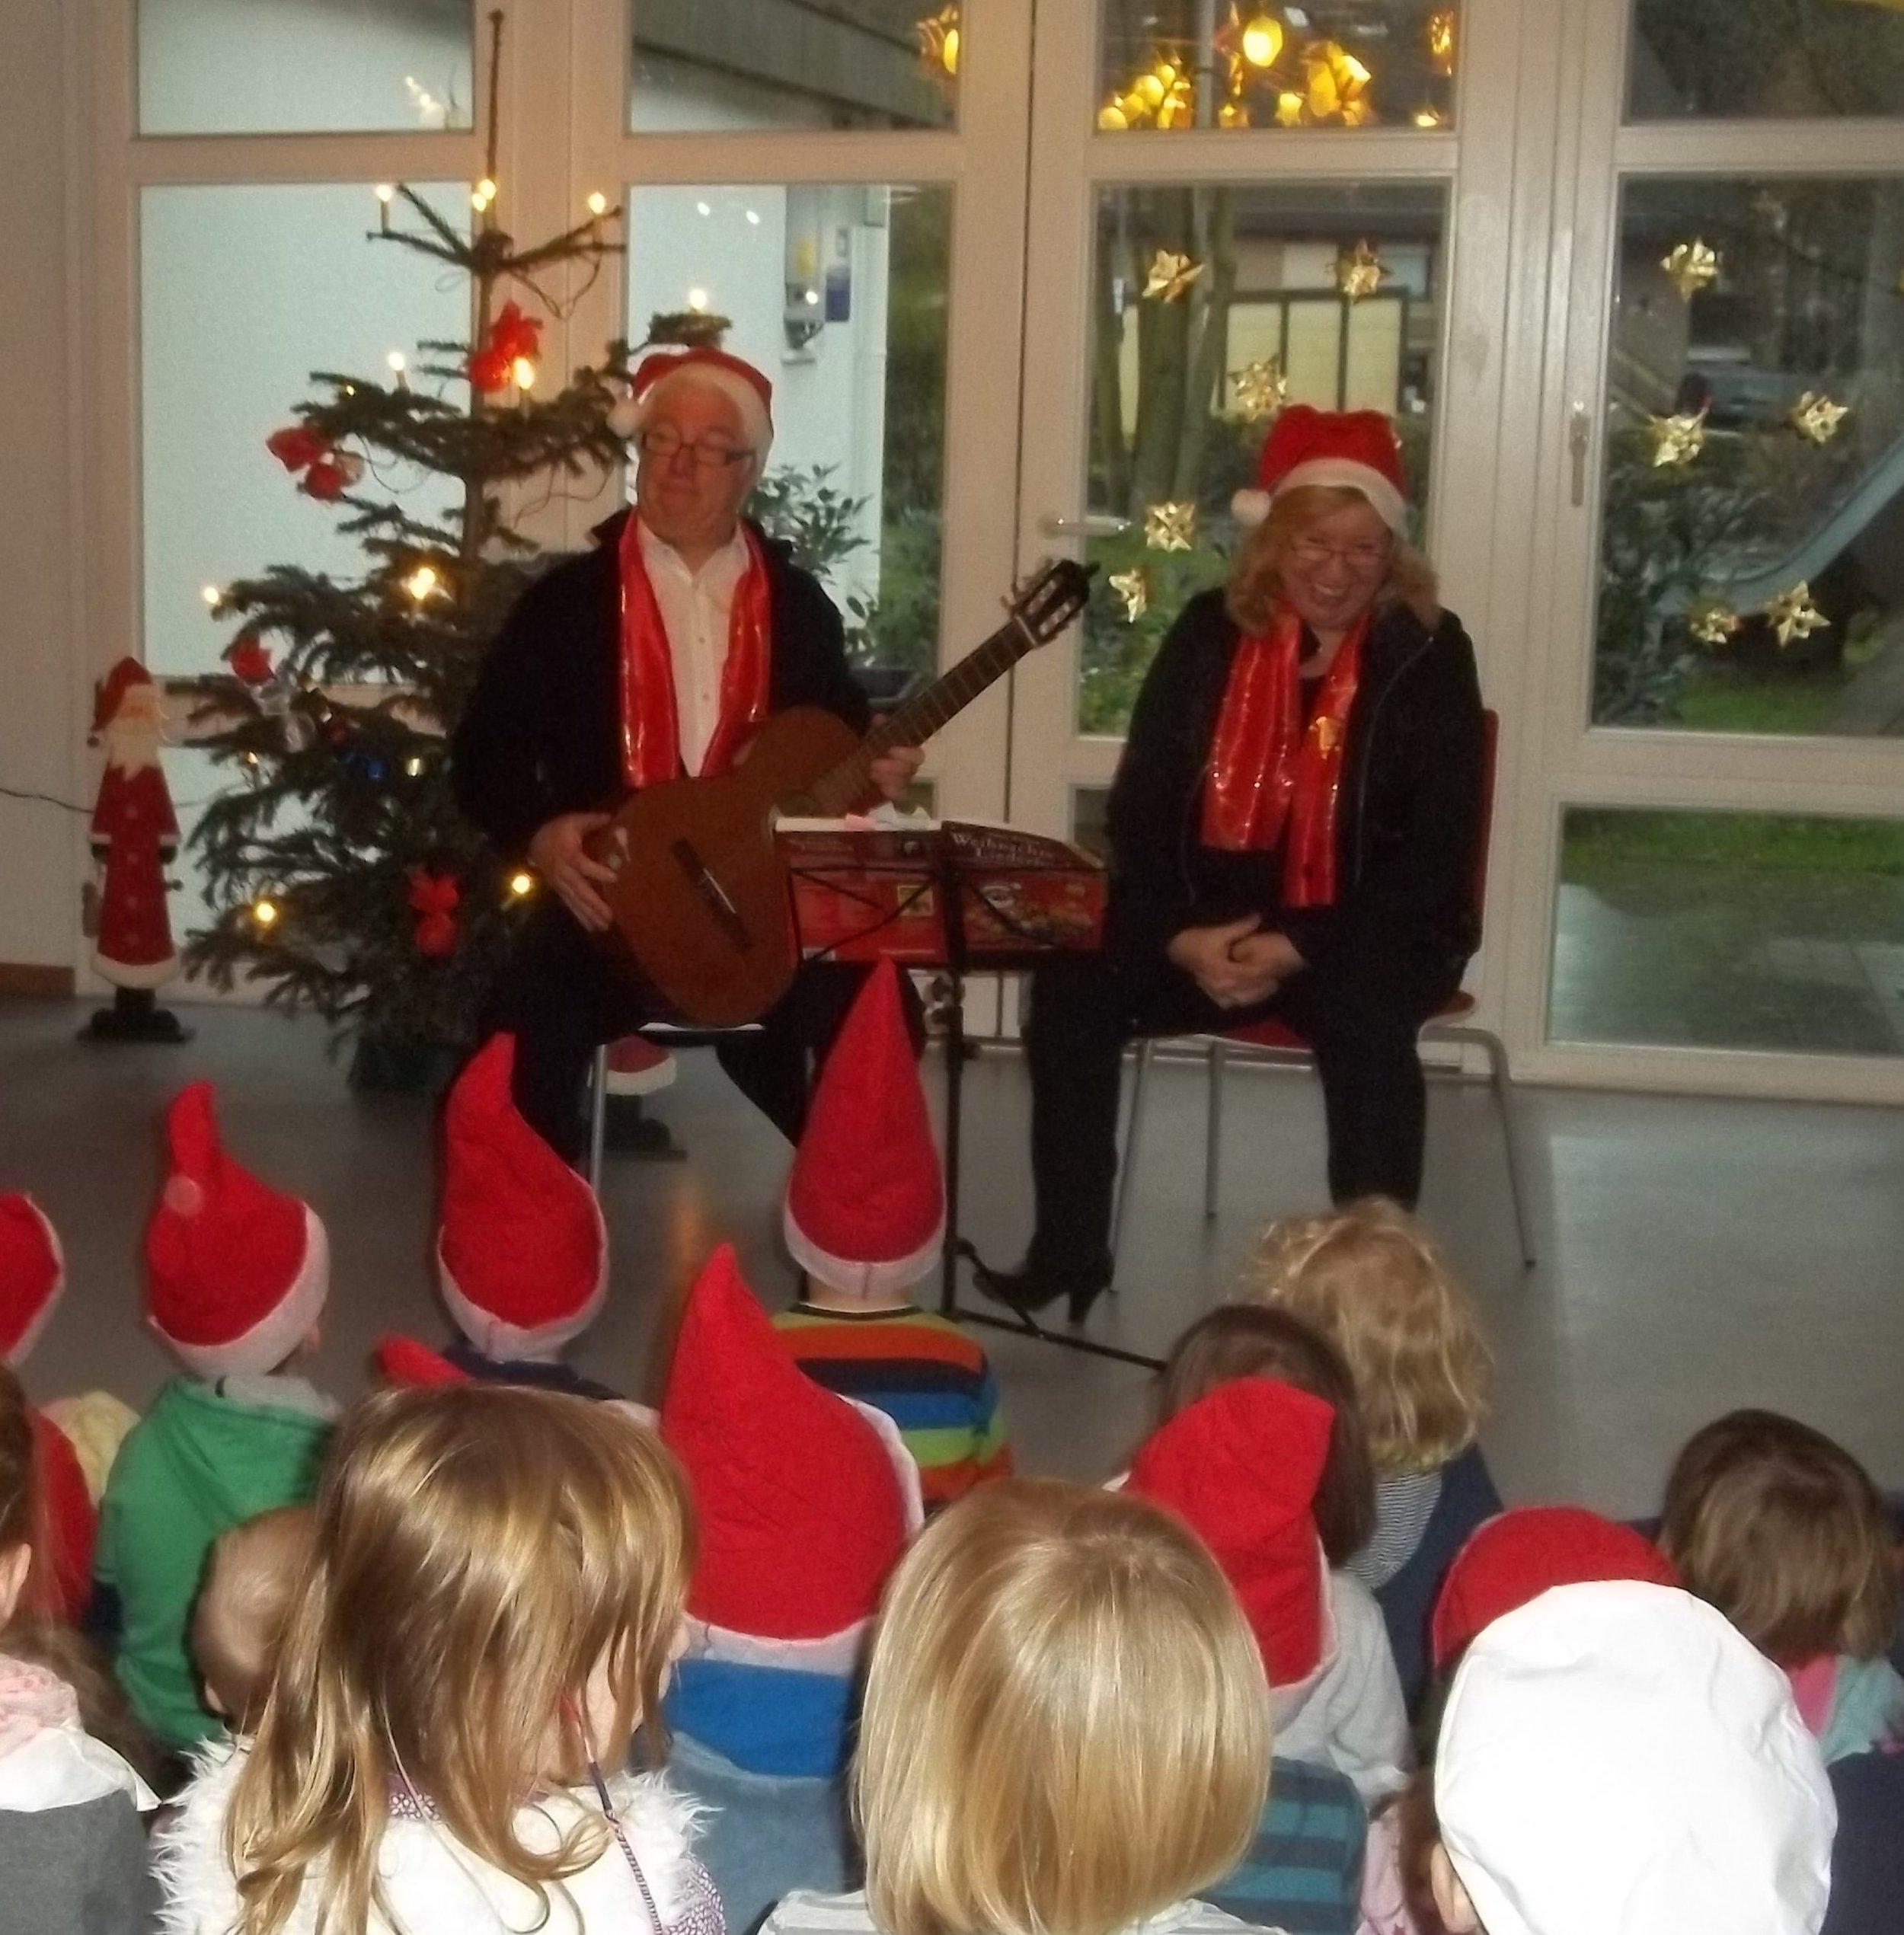 David und Barbara die Weihnachtsoerlys.jpeg